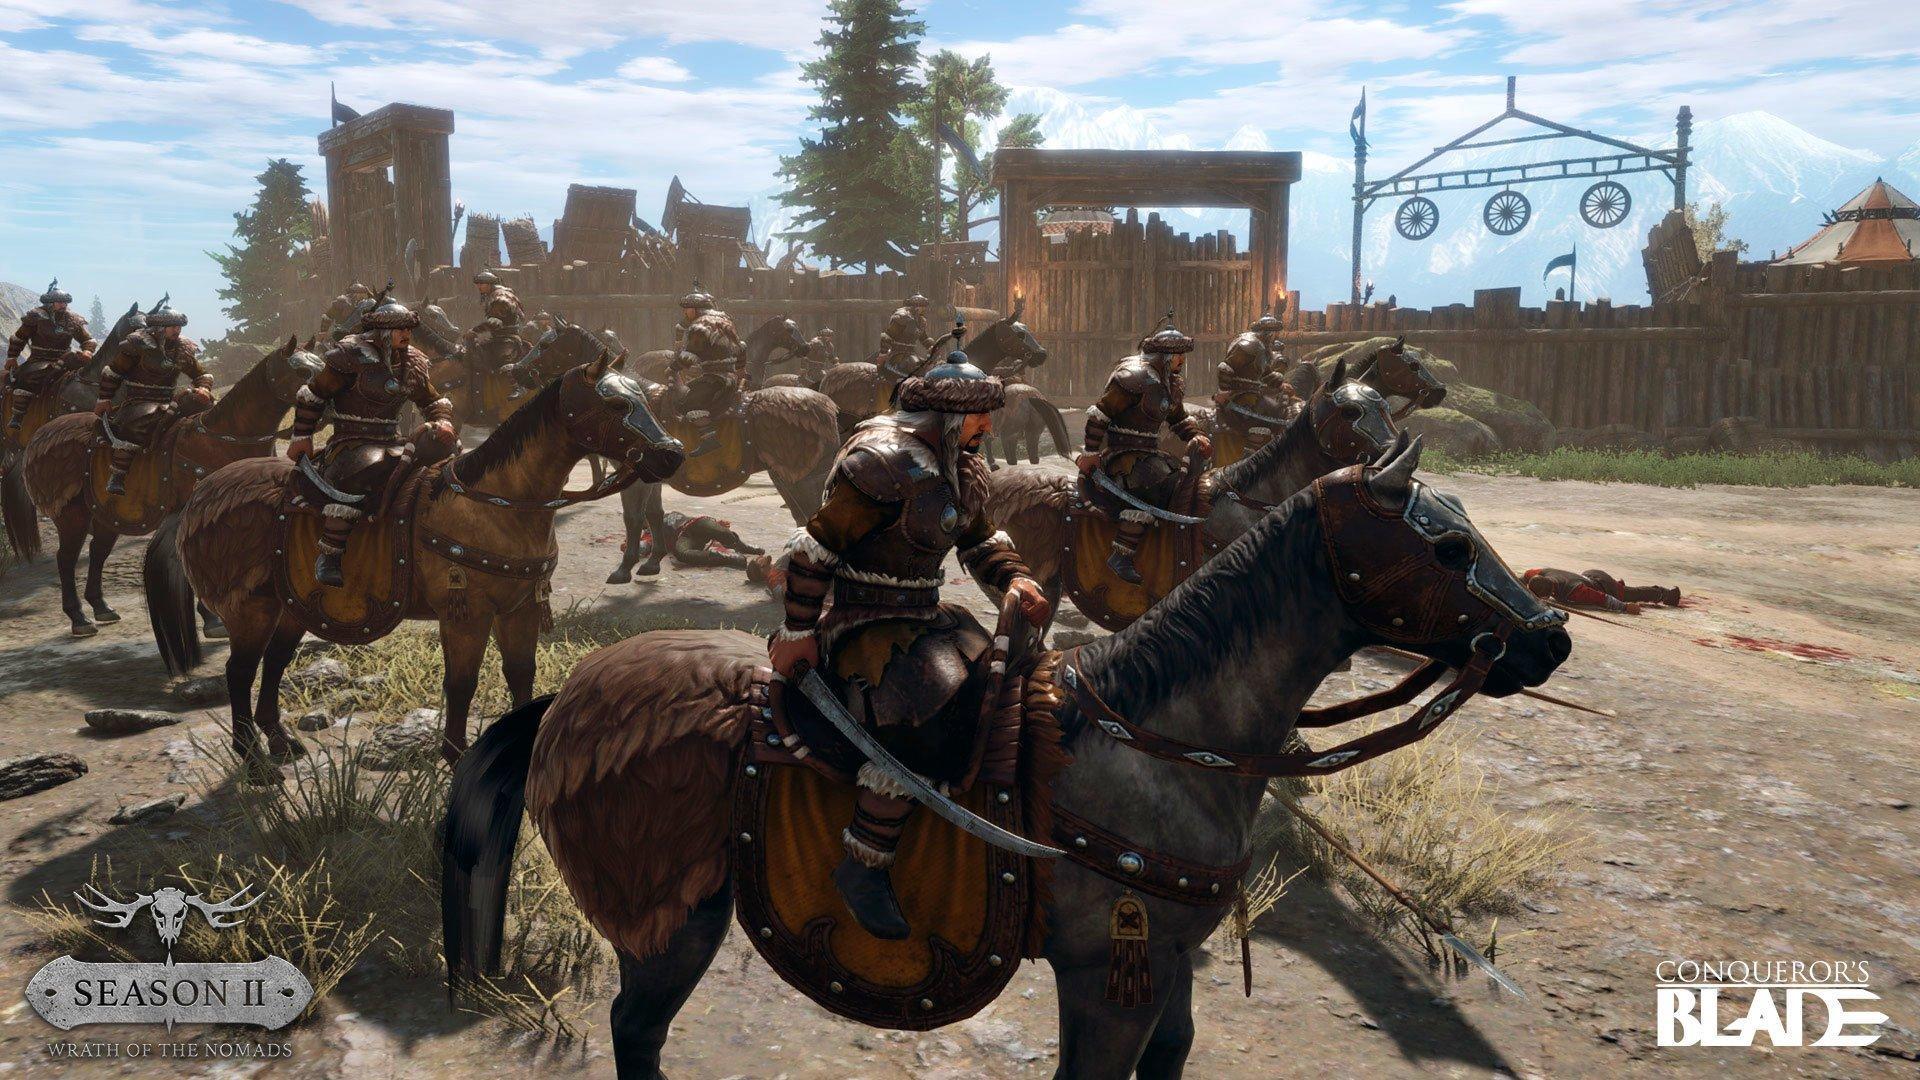 Conquerors Blade Season 2